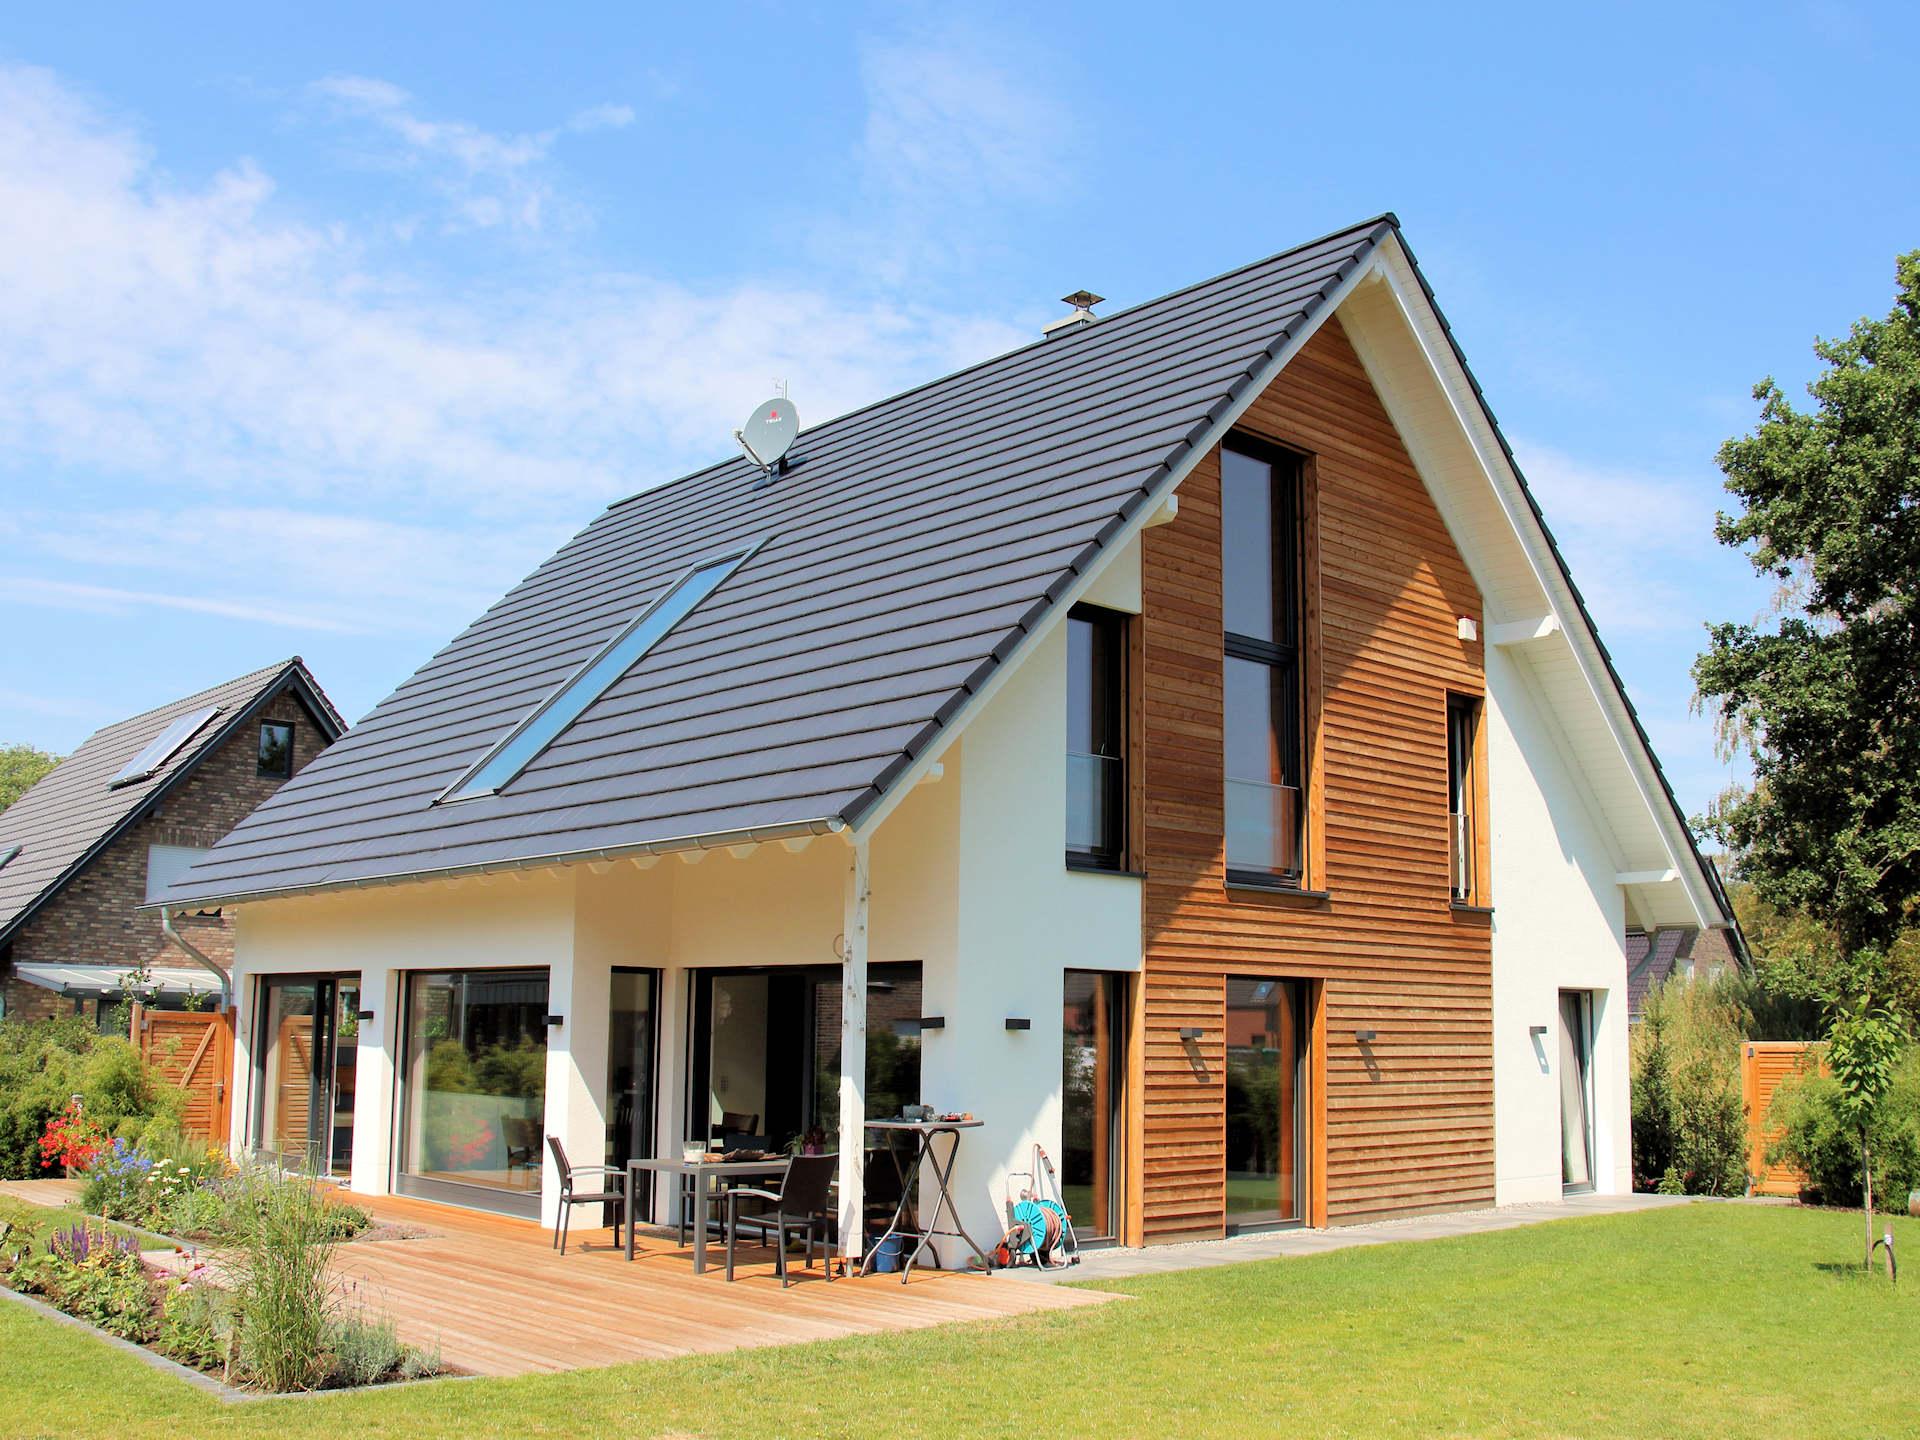 Effizienzhaus, individuelles Fertighaus, Wohnhaus mit Putzfassade, Stülpschalung, Satteldach